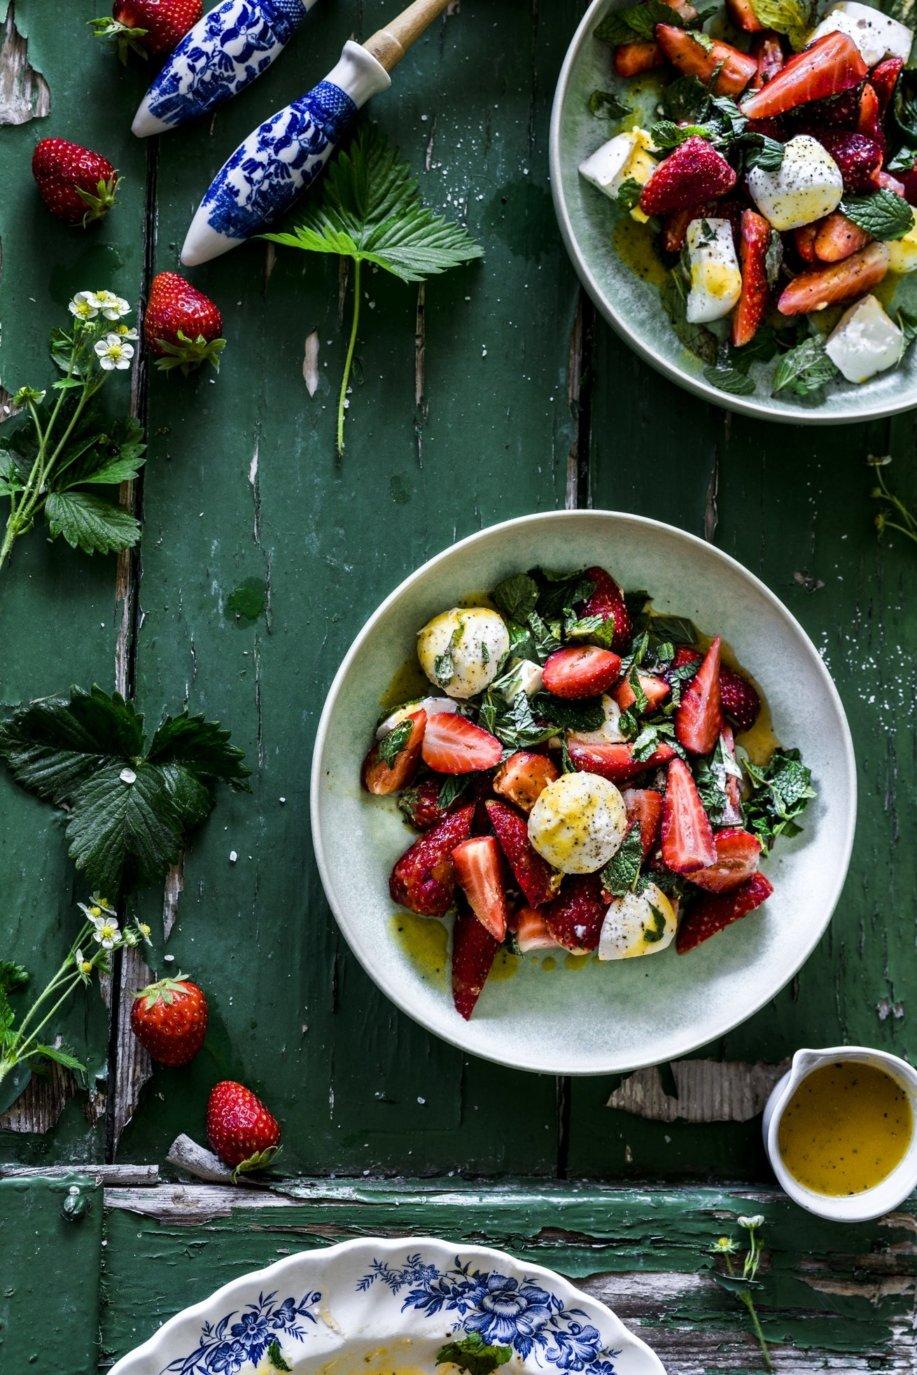 Erfrischende Kombination von Erdbeeren und Minze. Abgerundet durch ein pikantes Mangodressing. Unser perfekter Sommersalat